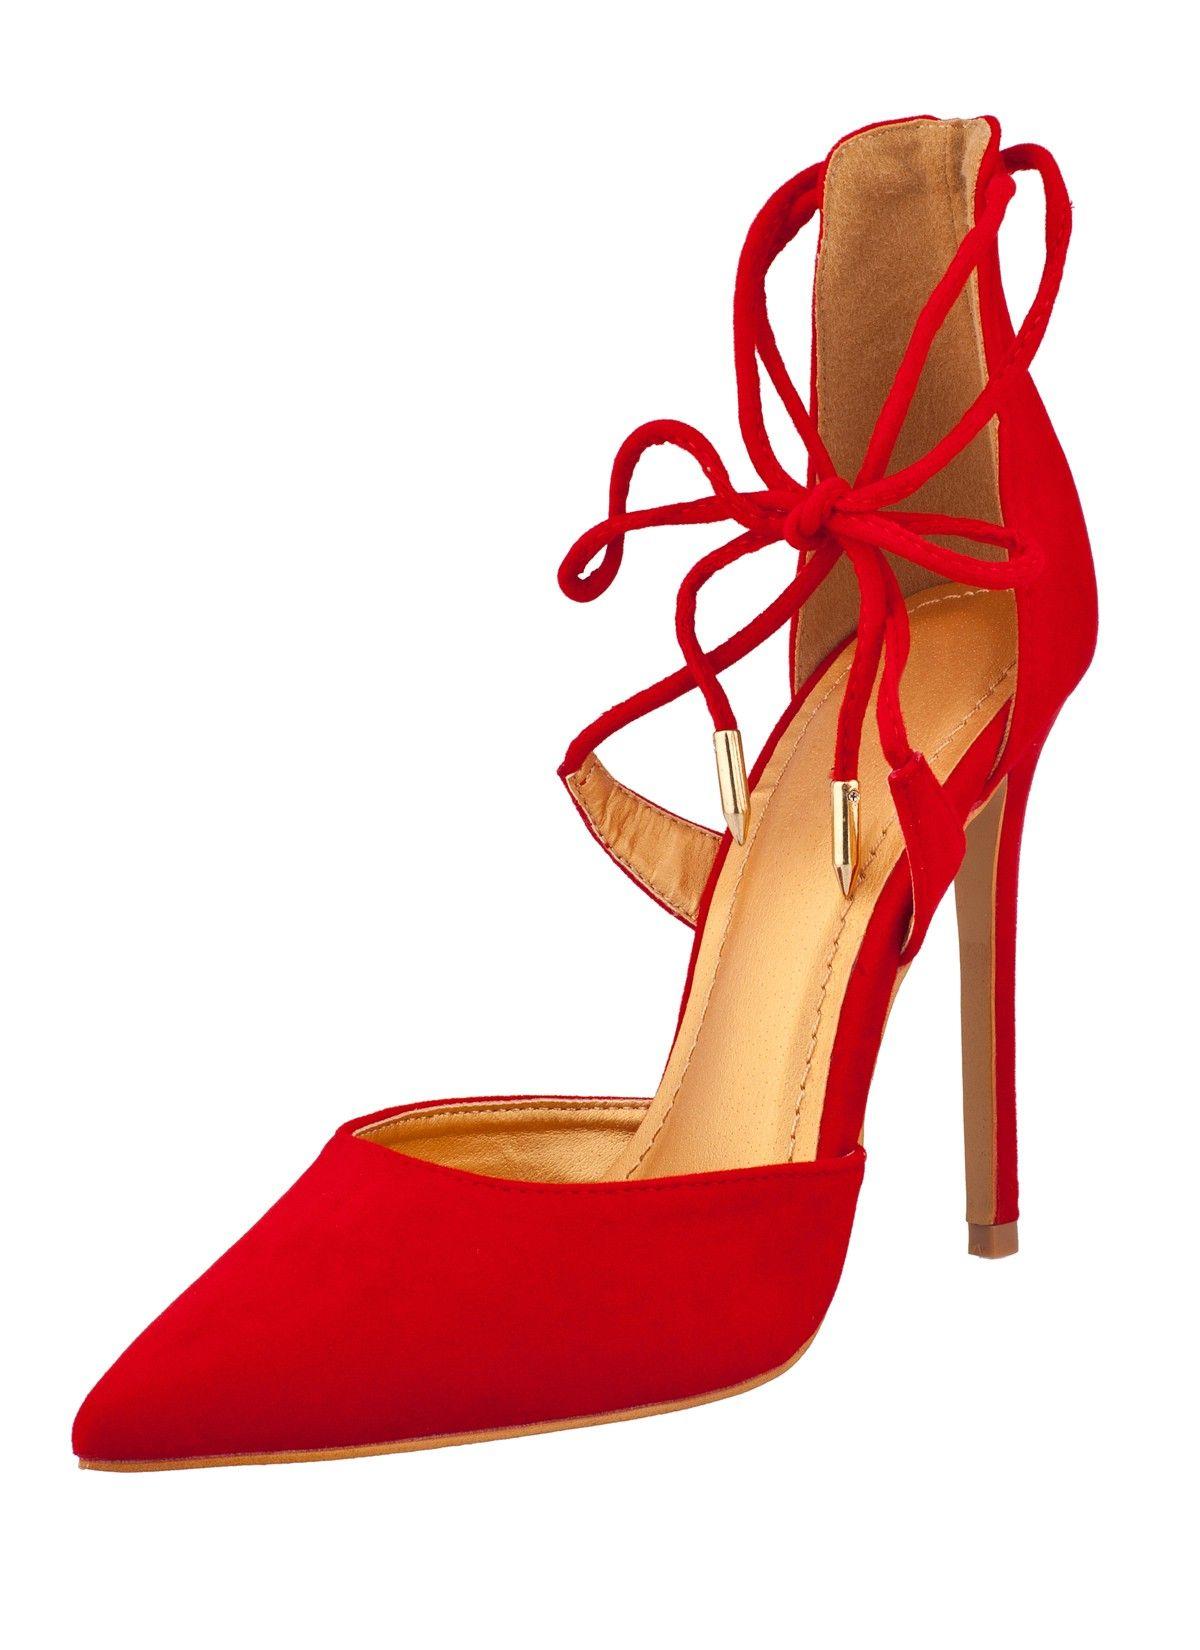 FOOTWEAR - Courts Prima Donna TljwR2eii